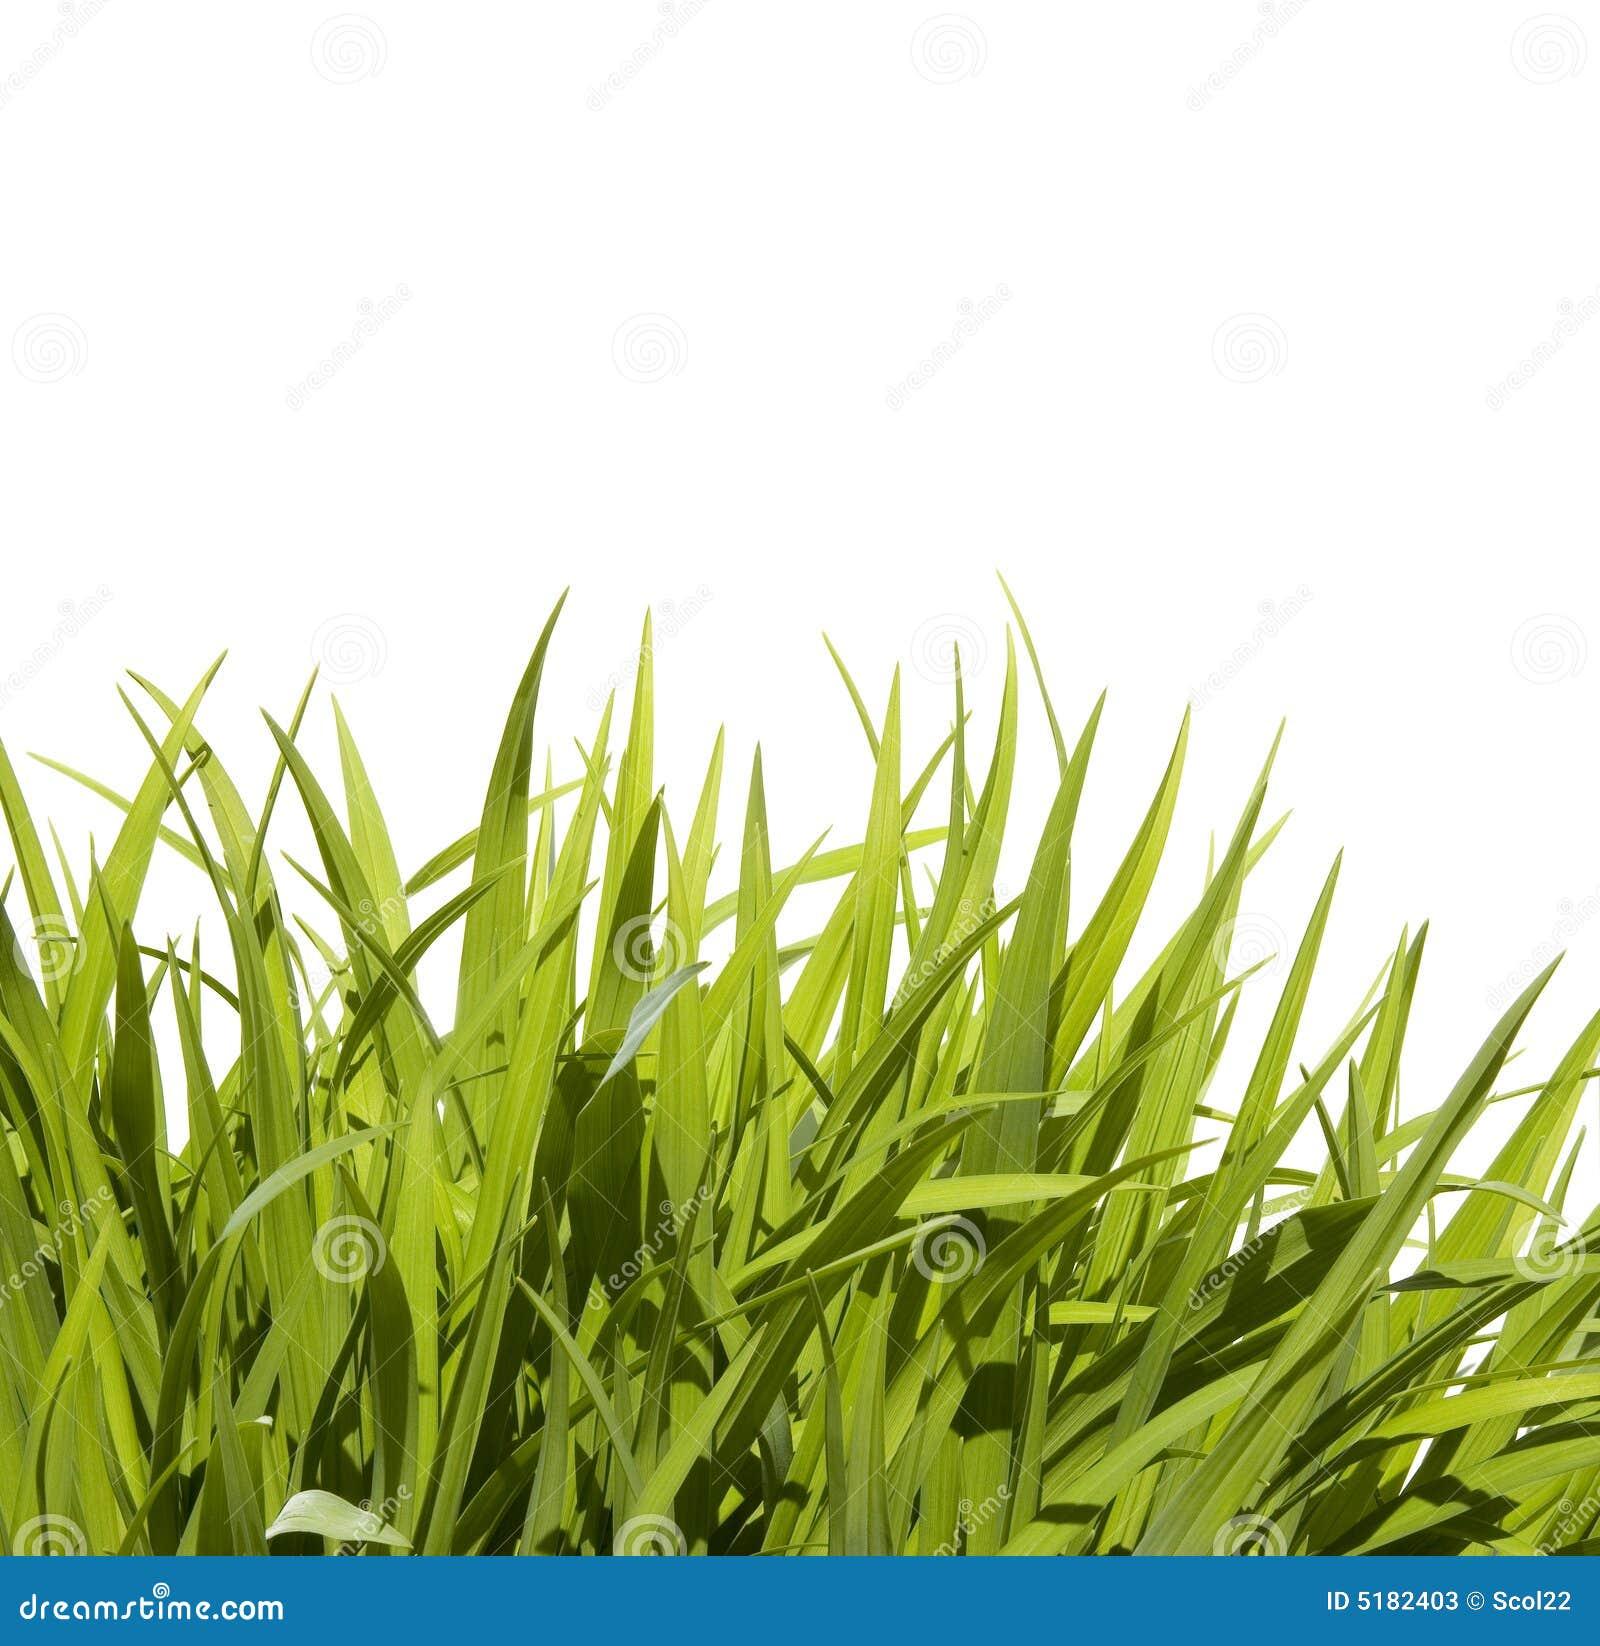 Hierba alta salvaje imagen de archivo imagen de frontera - Cortar hierba alta ...